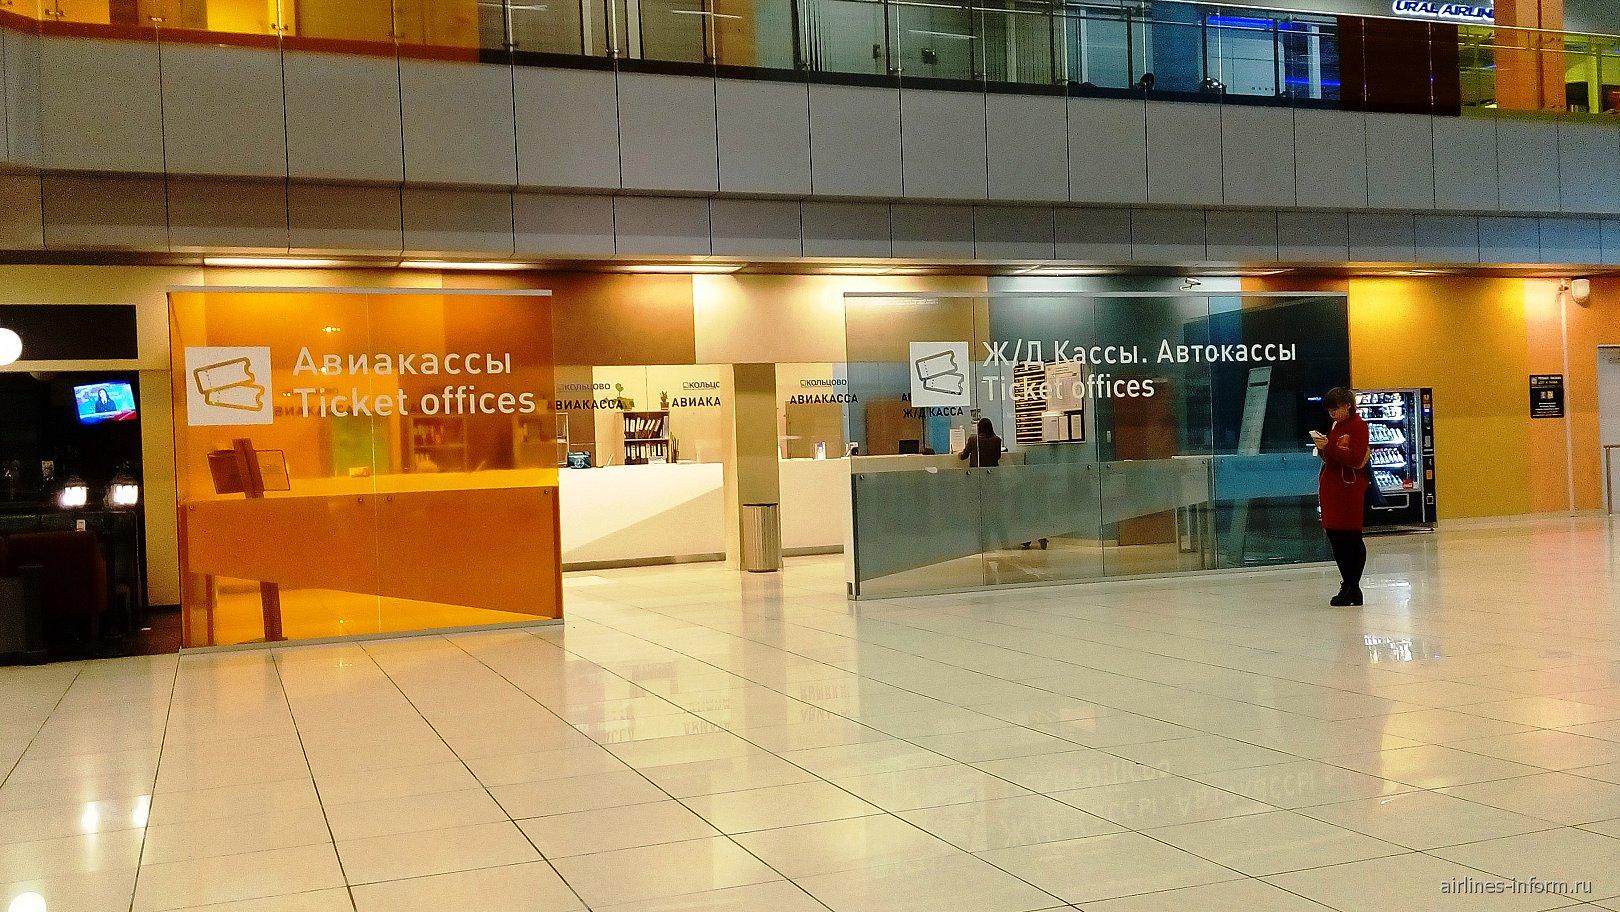 Авиа и ЖД кассы в терминале А аэропорта Екатеринбург Кольцово